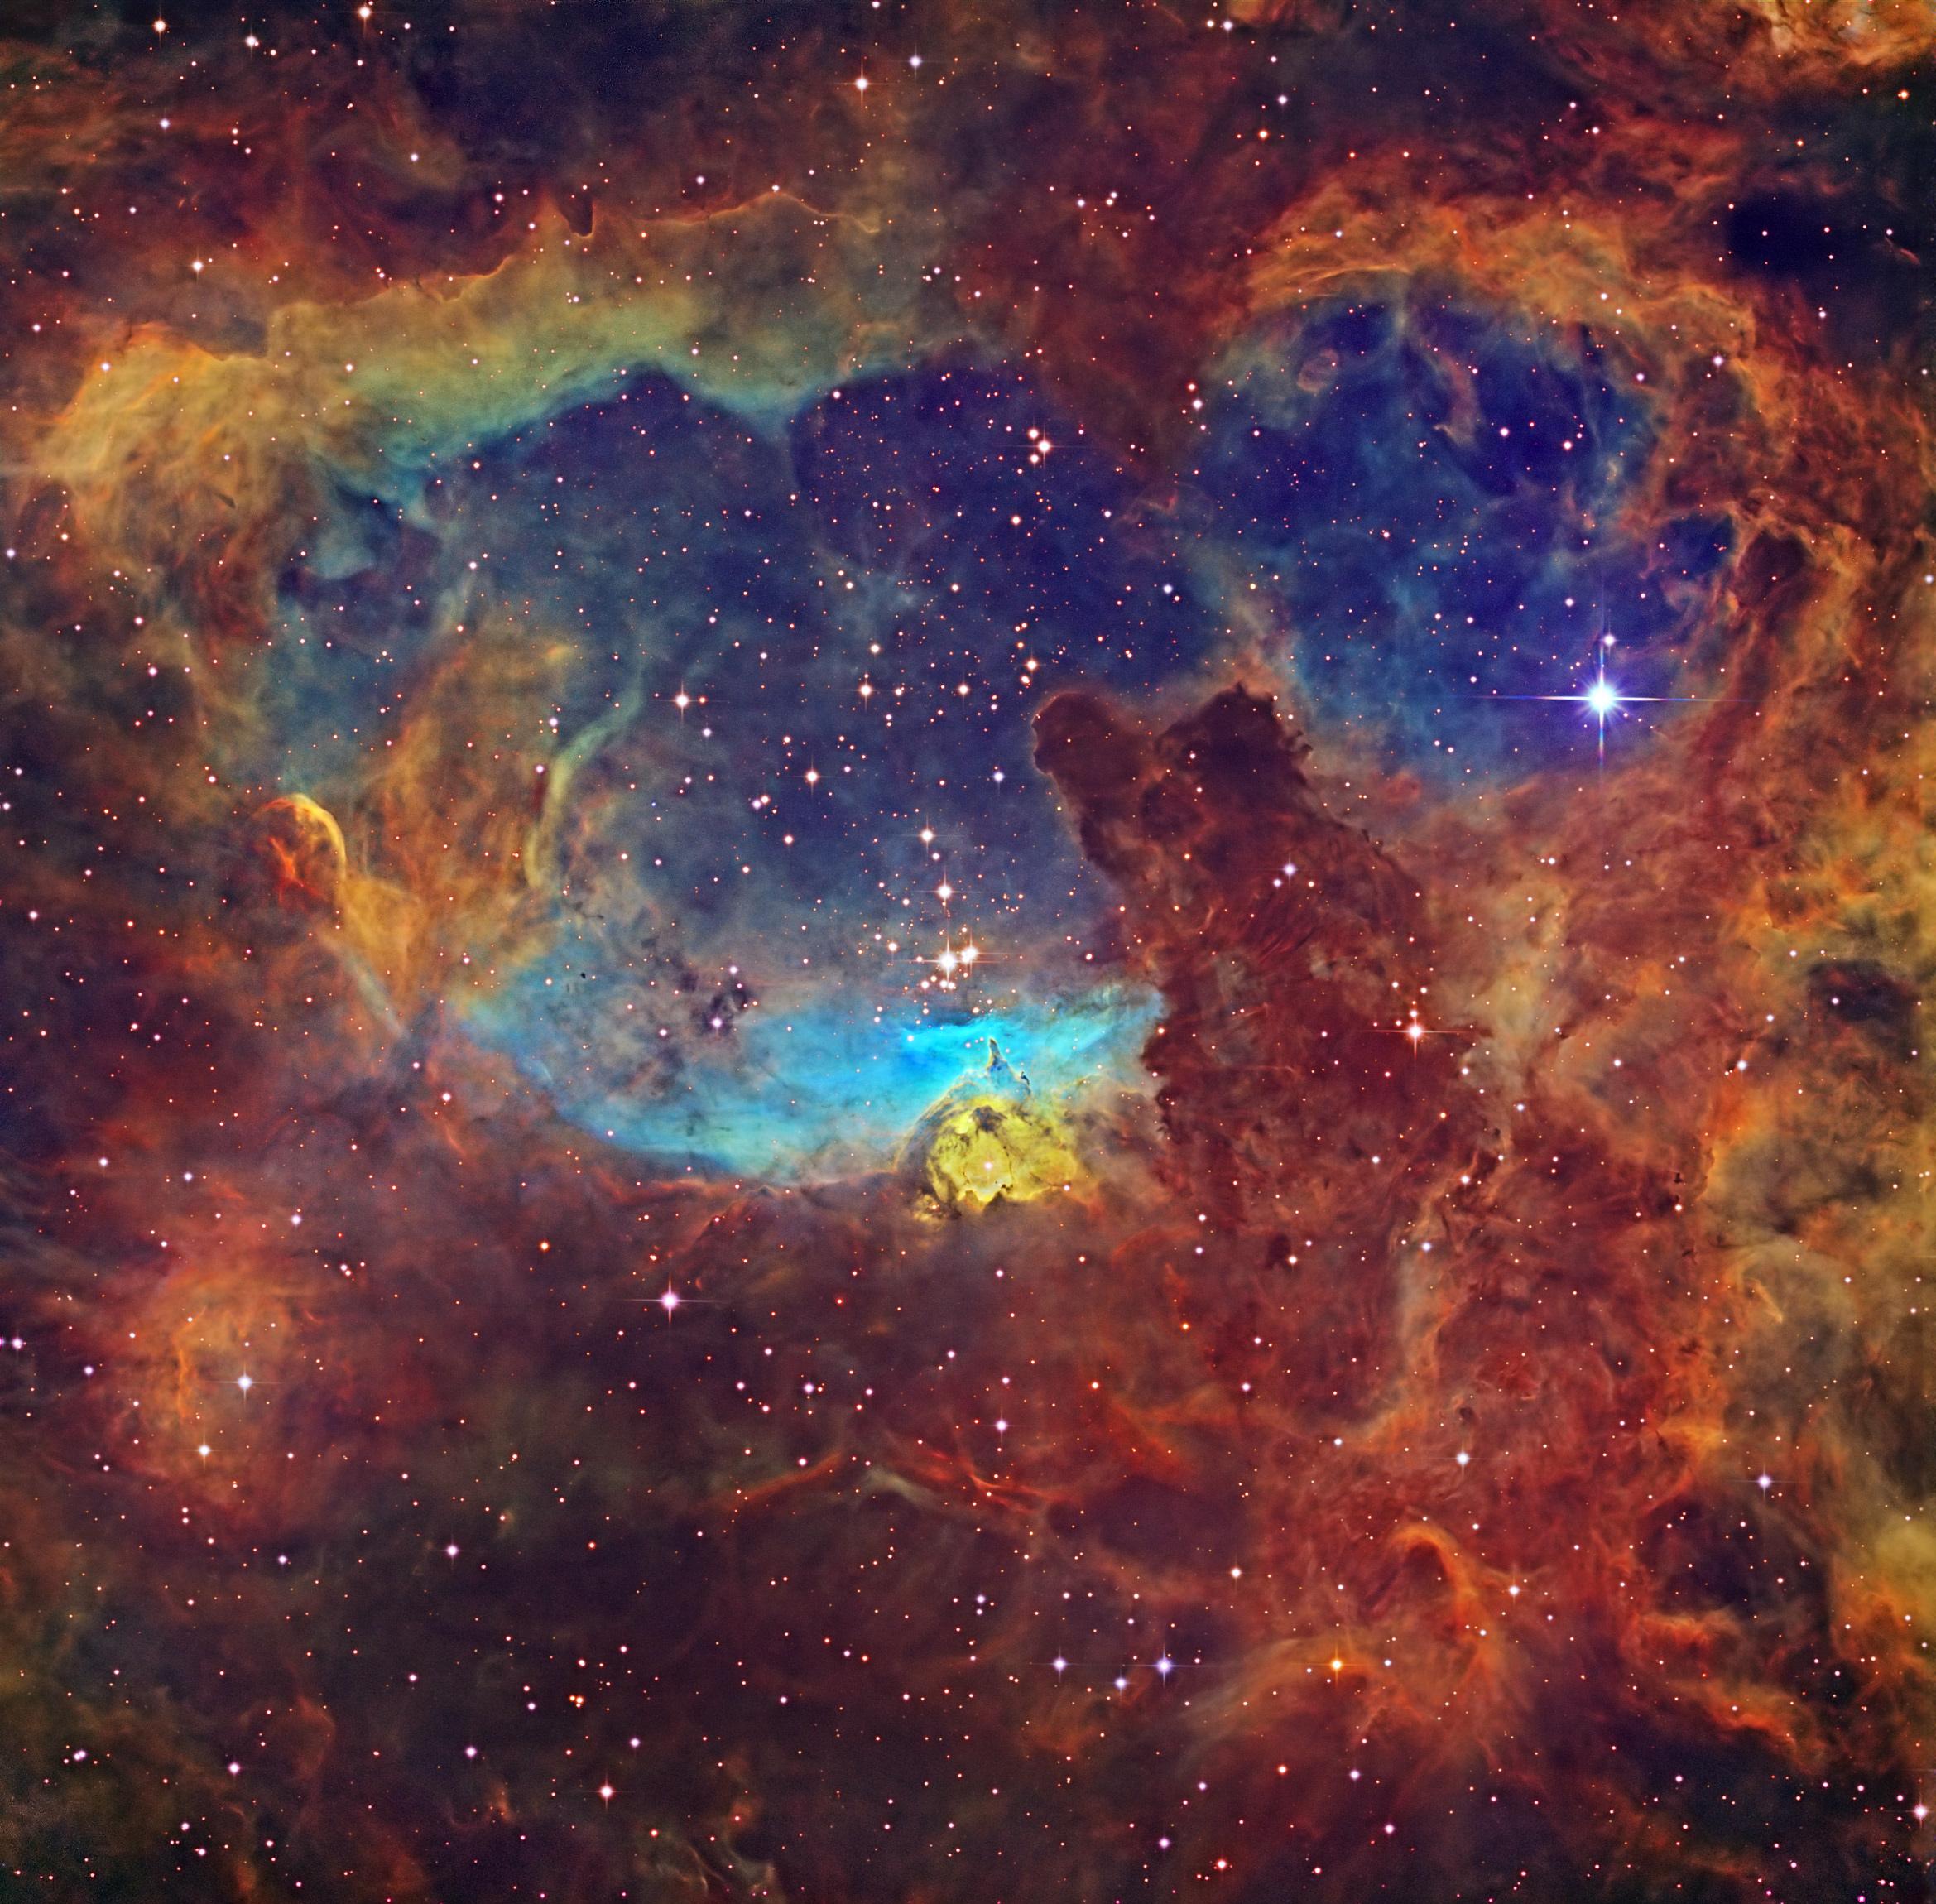 3 06,5 NGC 6357